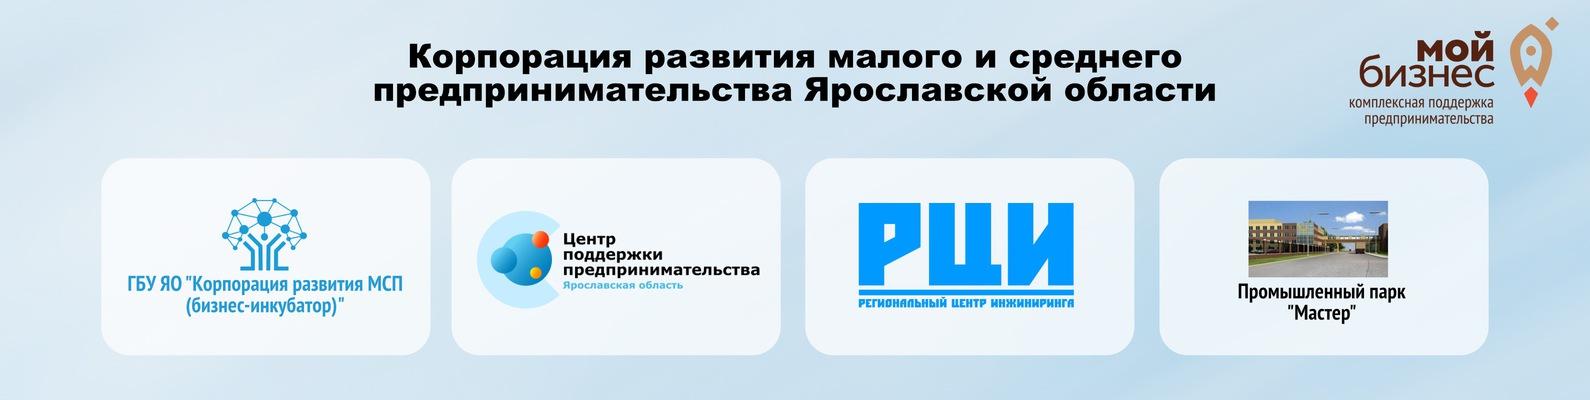 Email рассылка сообщений Ярославль, рассылка писем по электронной почте в Ярославле